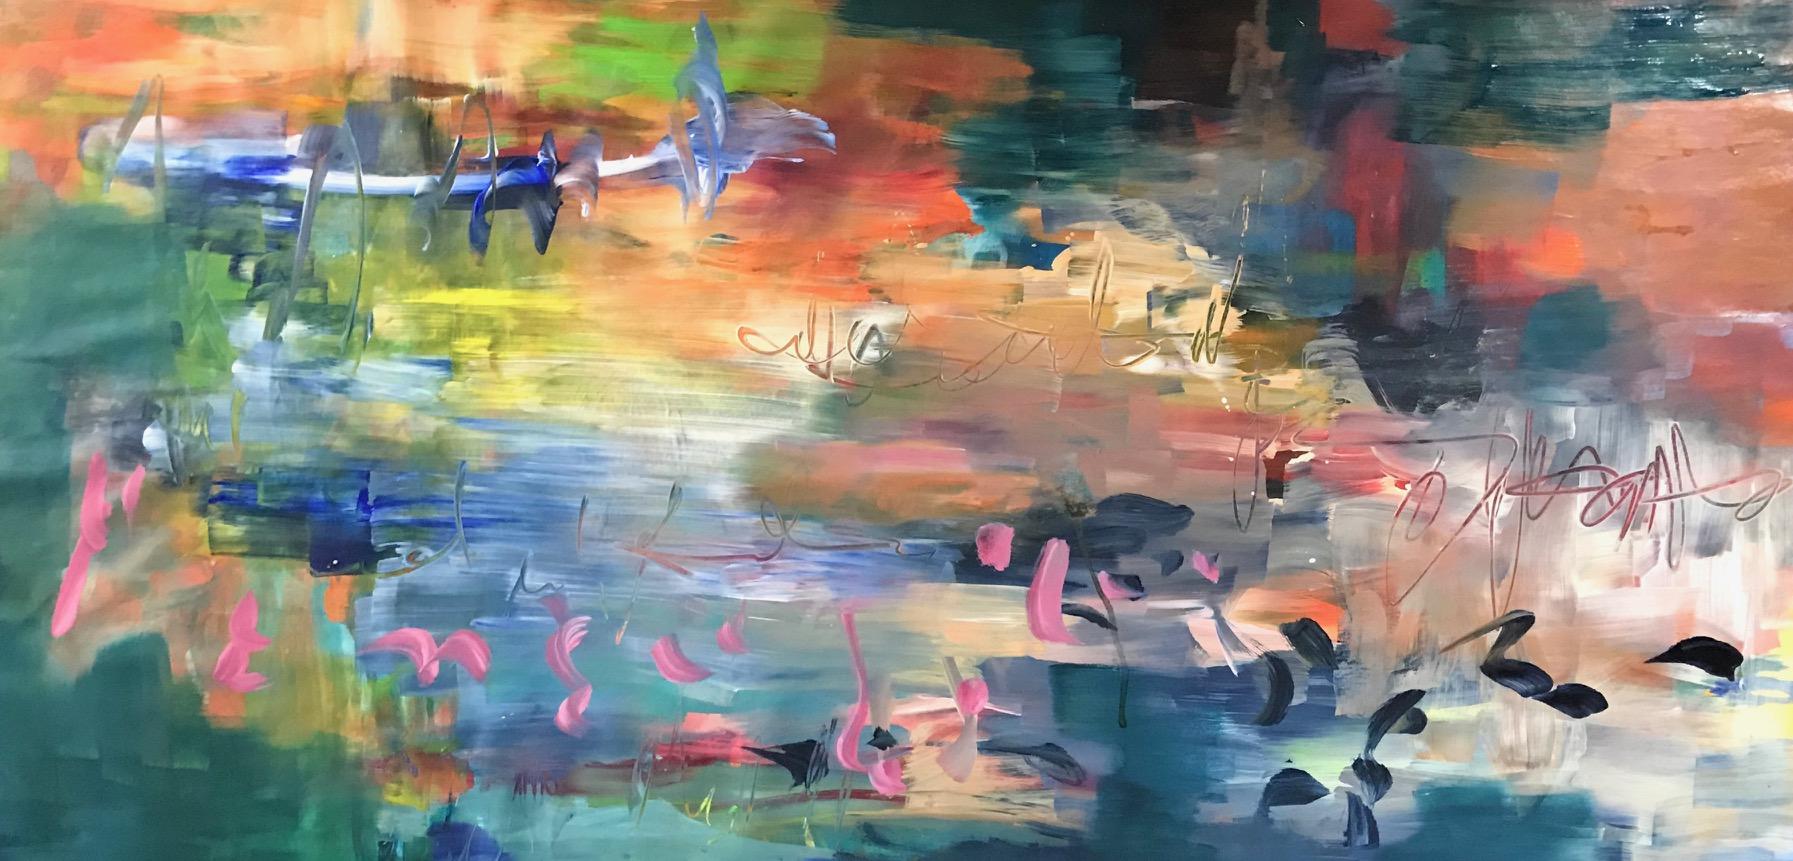 PItkänomainen värikäs maalaus, jossa aiheena on meri.Maalaus on abstrakti.